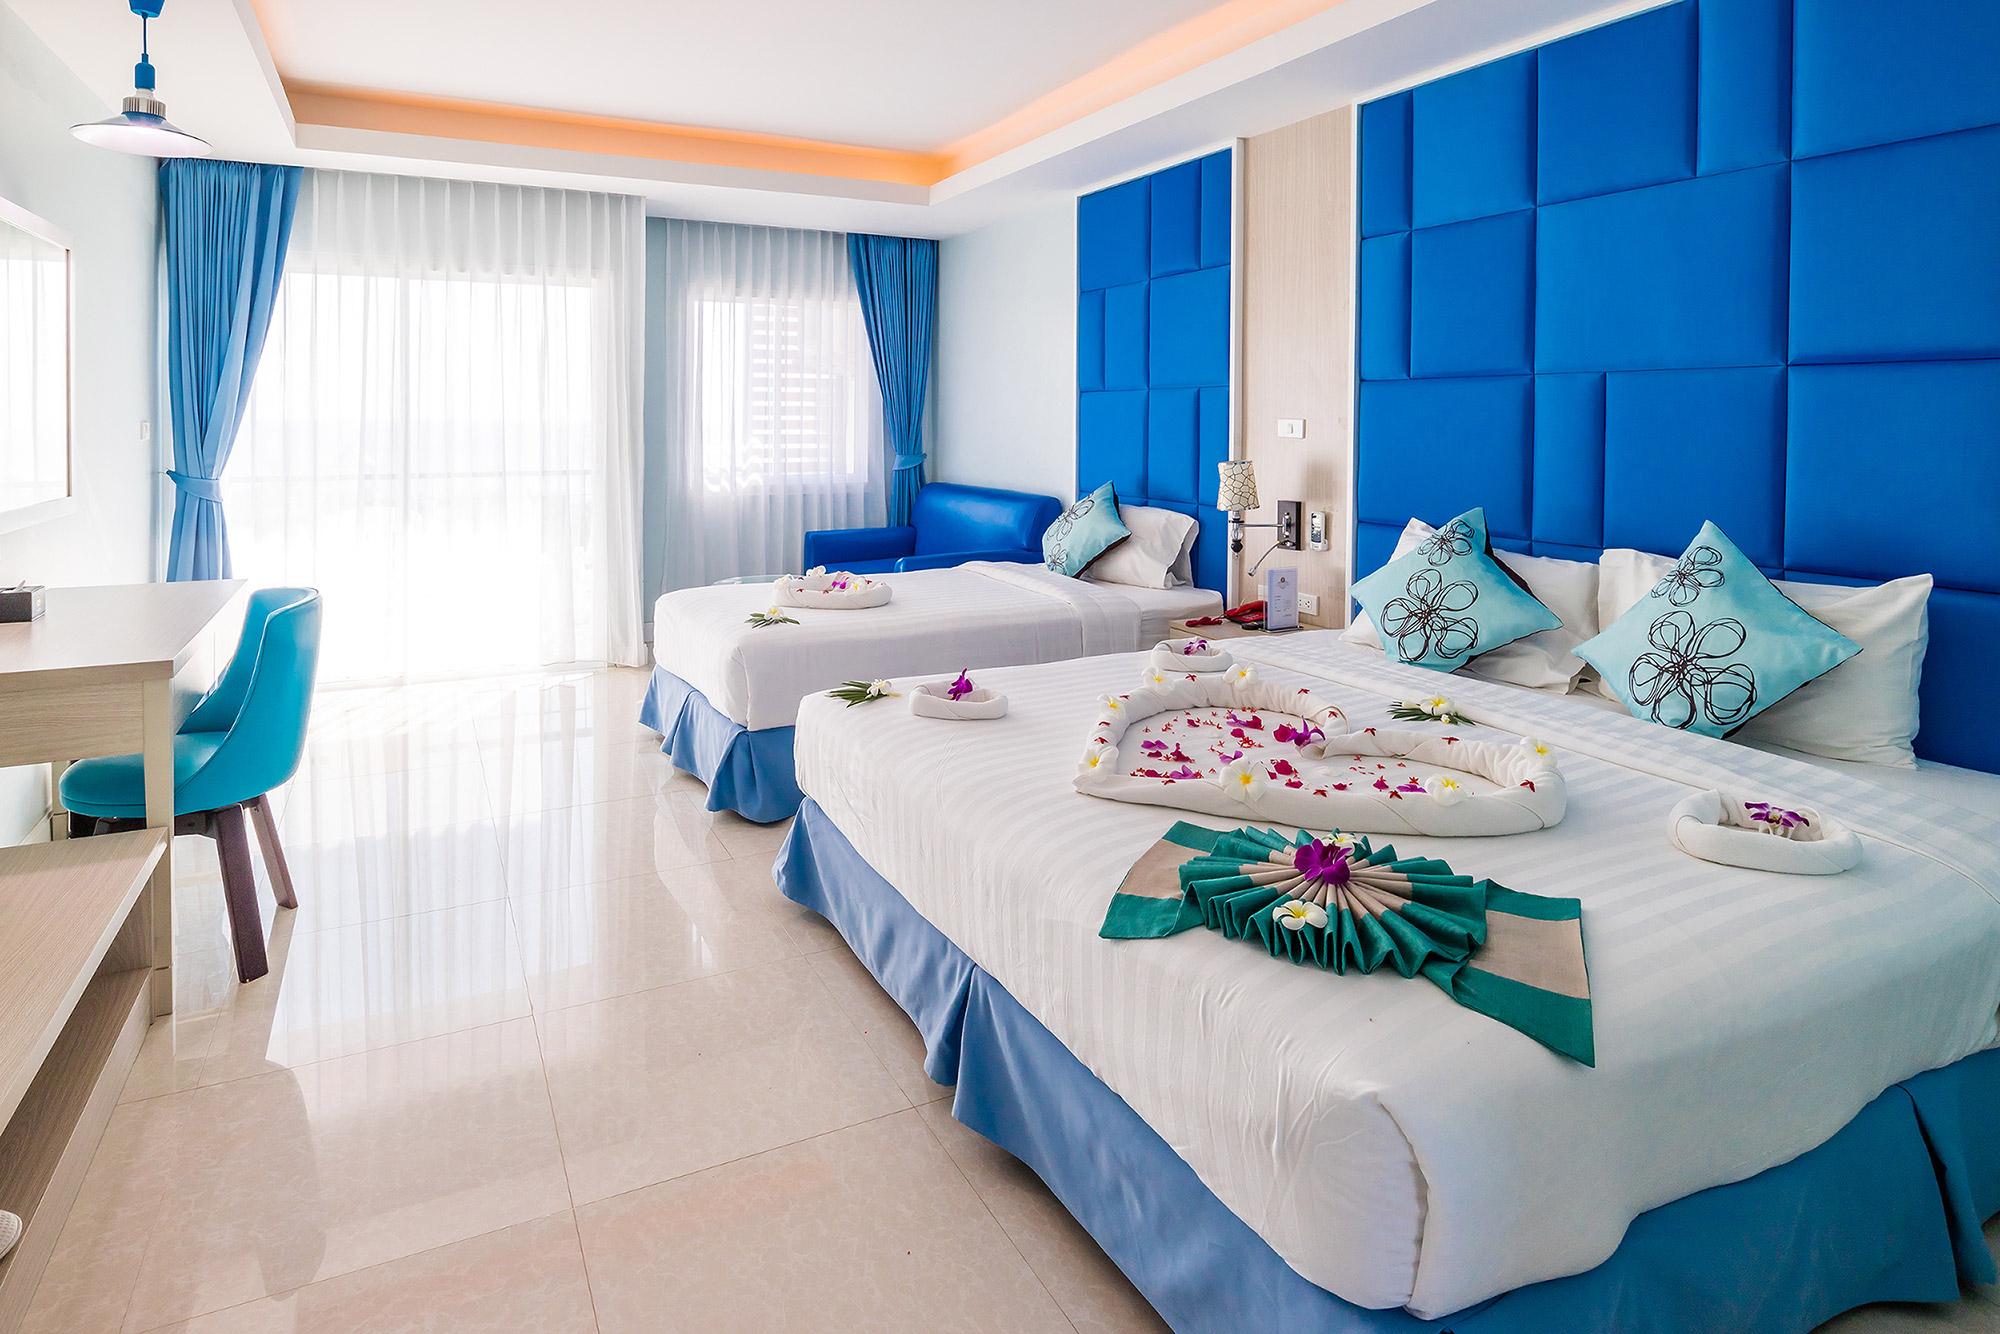 โรงแรมเซนต์ โทรเปซ บีช รีสอร์ท โฮเทล จันทบุรี (Saint Tropez Beach Resort Hotel)  โรงแรม เซนต์ โทรเปซ บีช รีสอร์ท โฮเทล จันทบุรี สวยติดหาด อ่าวคุ้งกระเบน IMG 5816